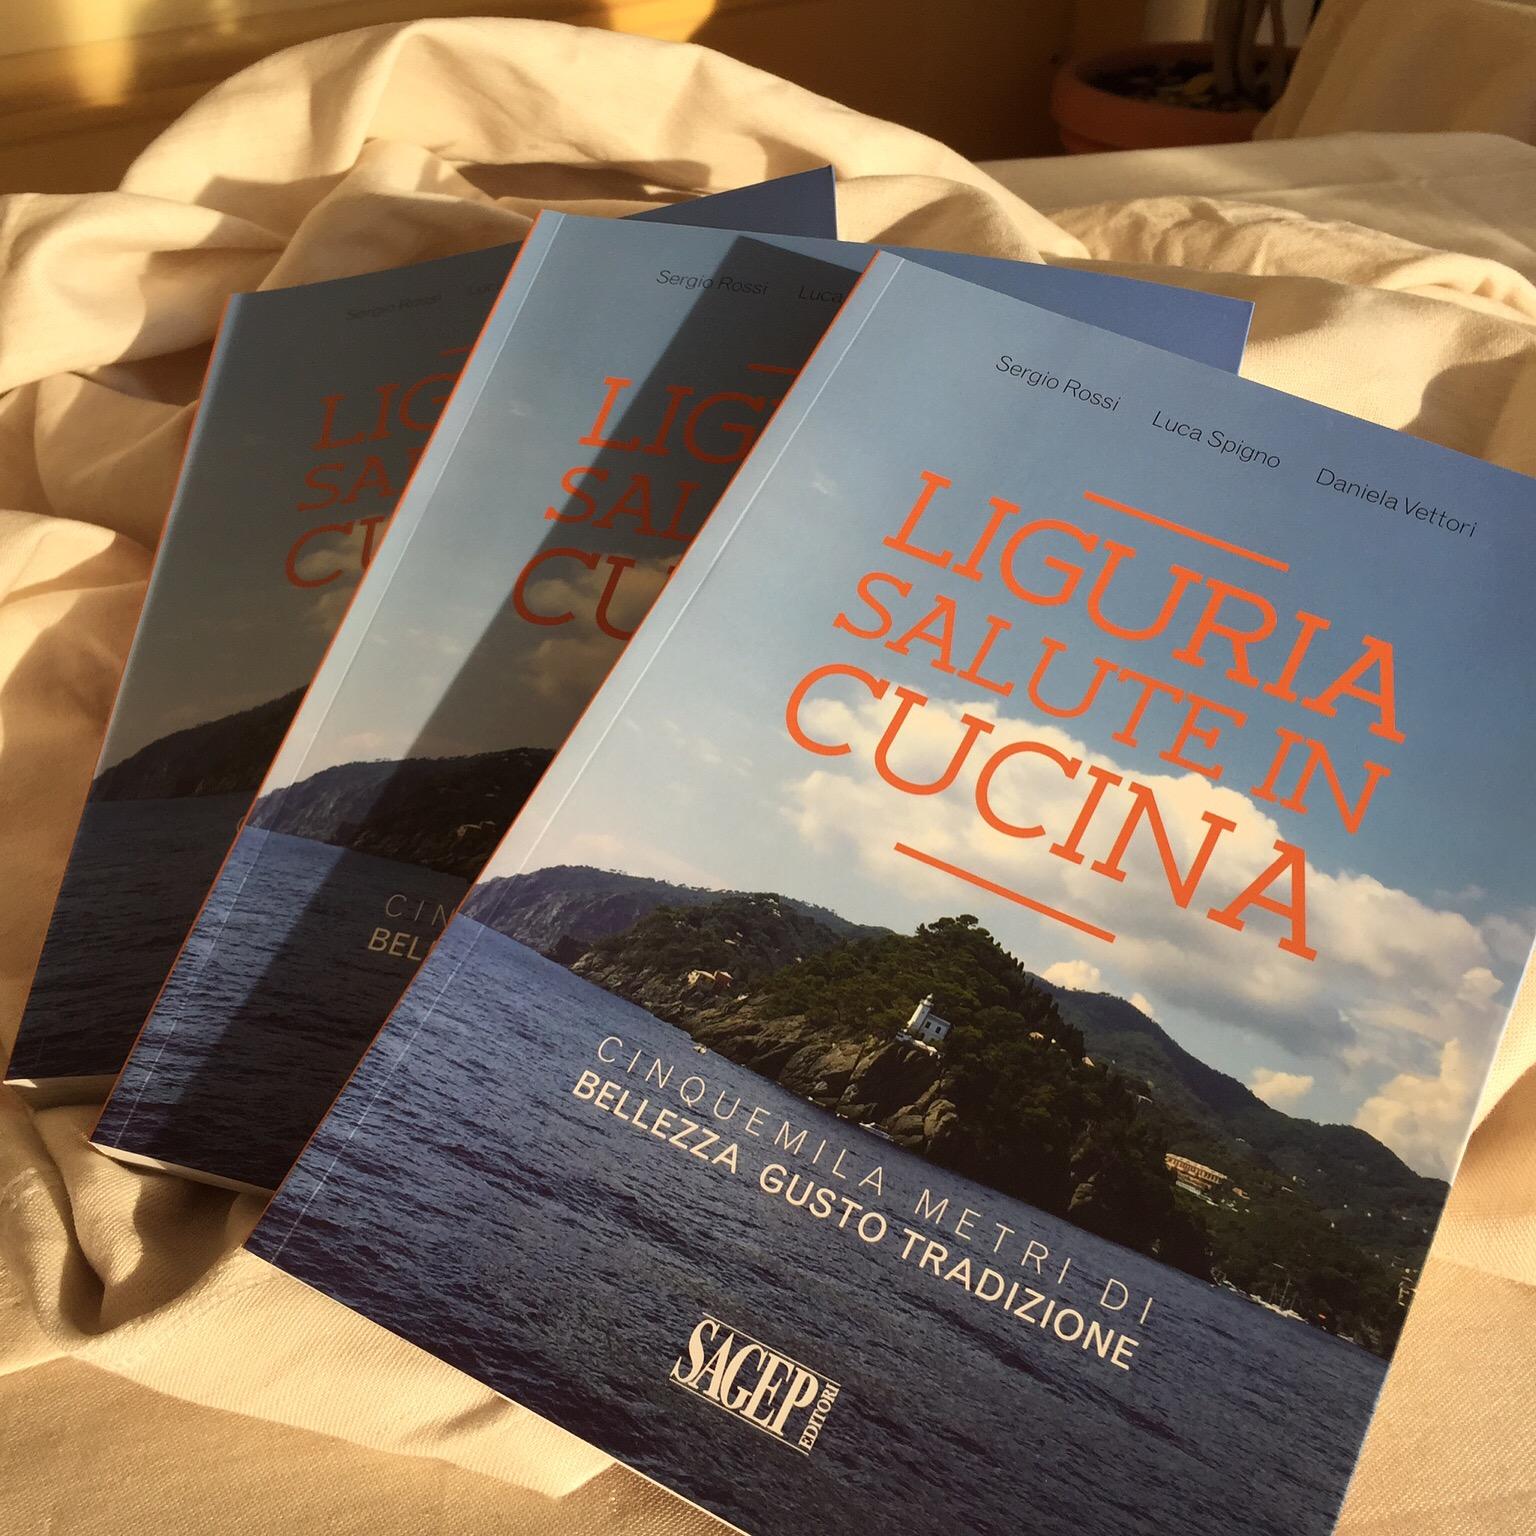 Book Presentation – LIGURIA SALUTE IN CUCINA